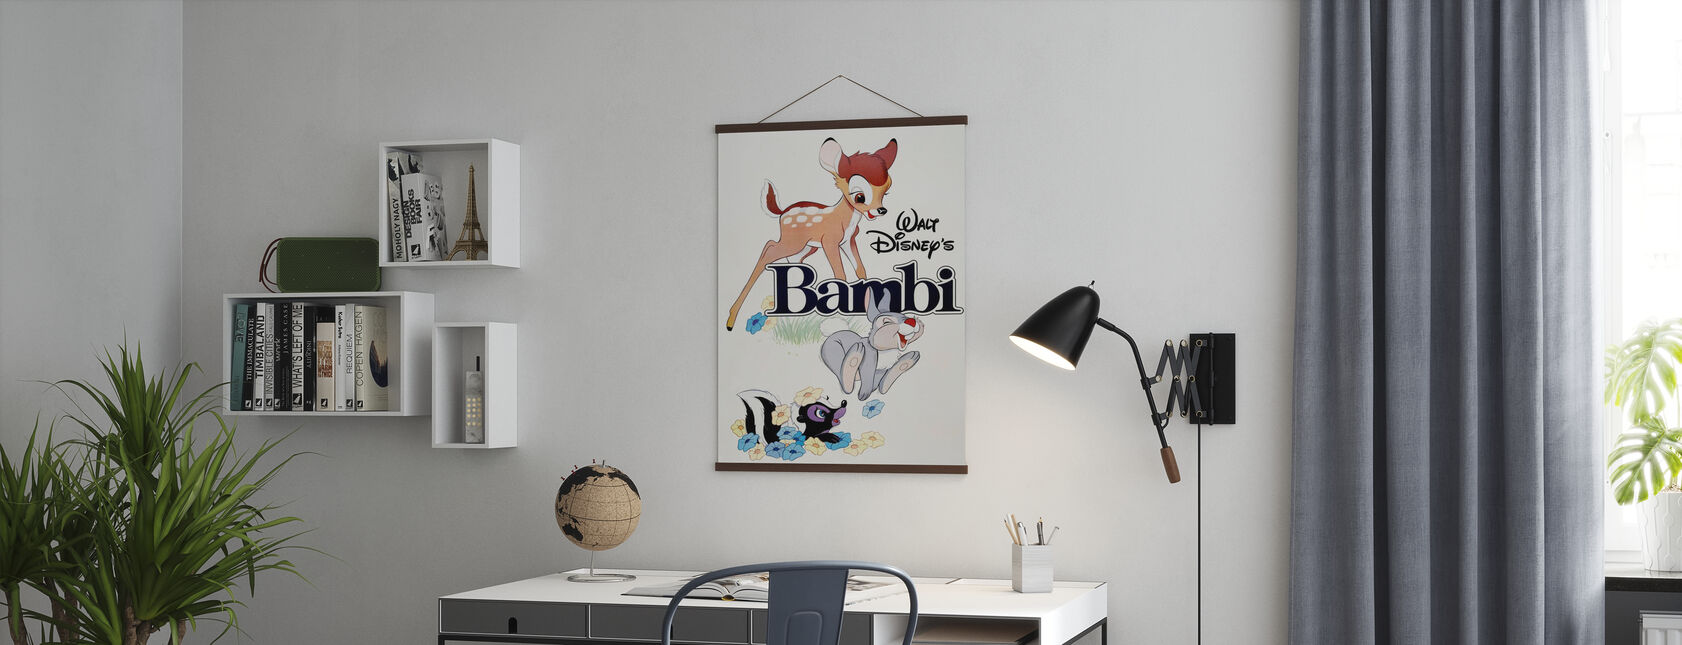 Walt Disney Bambi - Plakat - Kontor